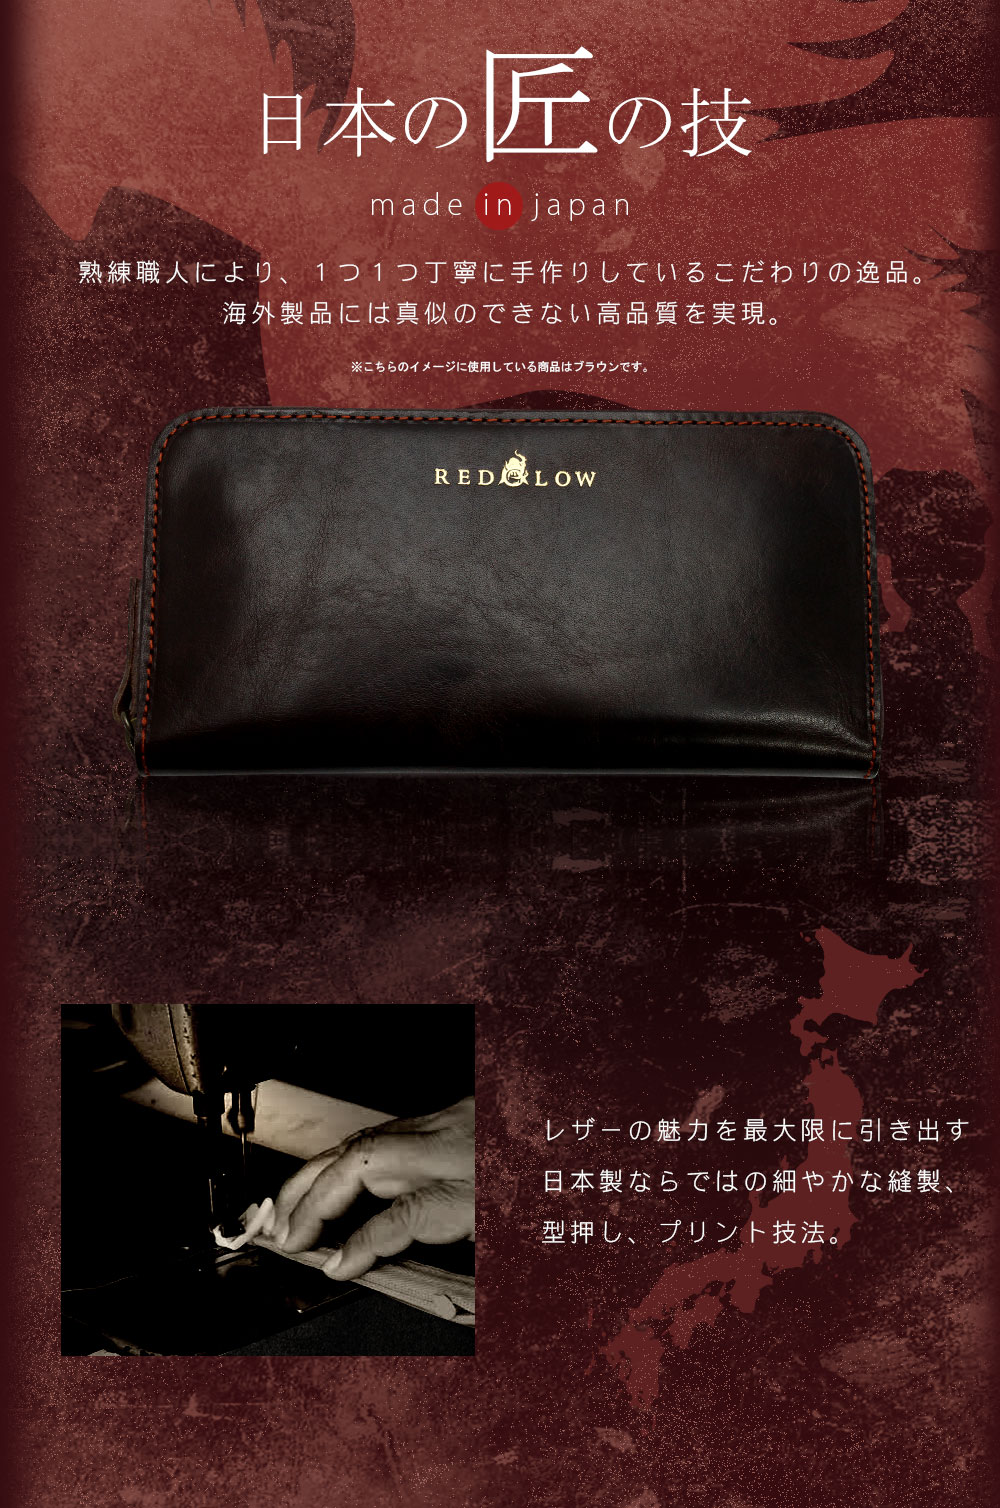 財布 通販 RED GLOW/レッドグロウ 日本製 本革 長財布ブラック・ブラウン・ネイビー 表革:Kワックス 裏:革クルタ